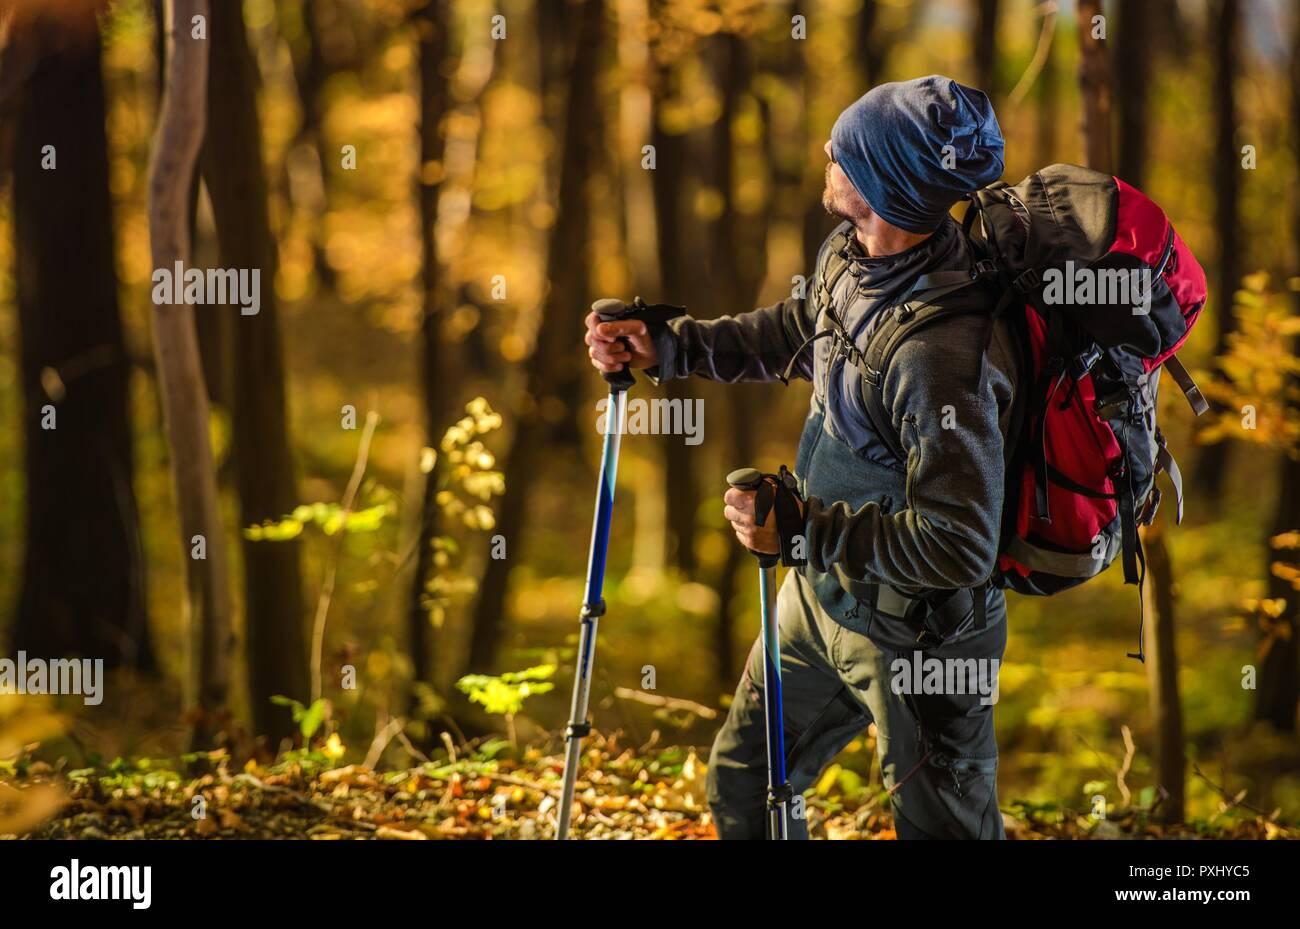 Escursionista caucasica nel bosco durante la Scenic Golden caduta delle foglie. Gli uomini con zaino sul sentiero. Immagini Stock